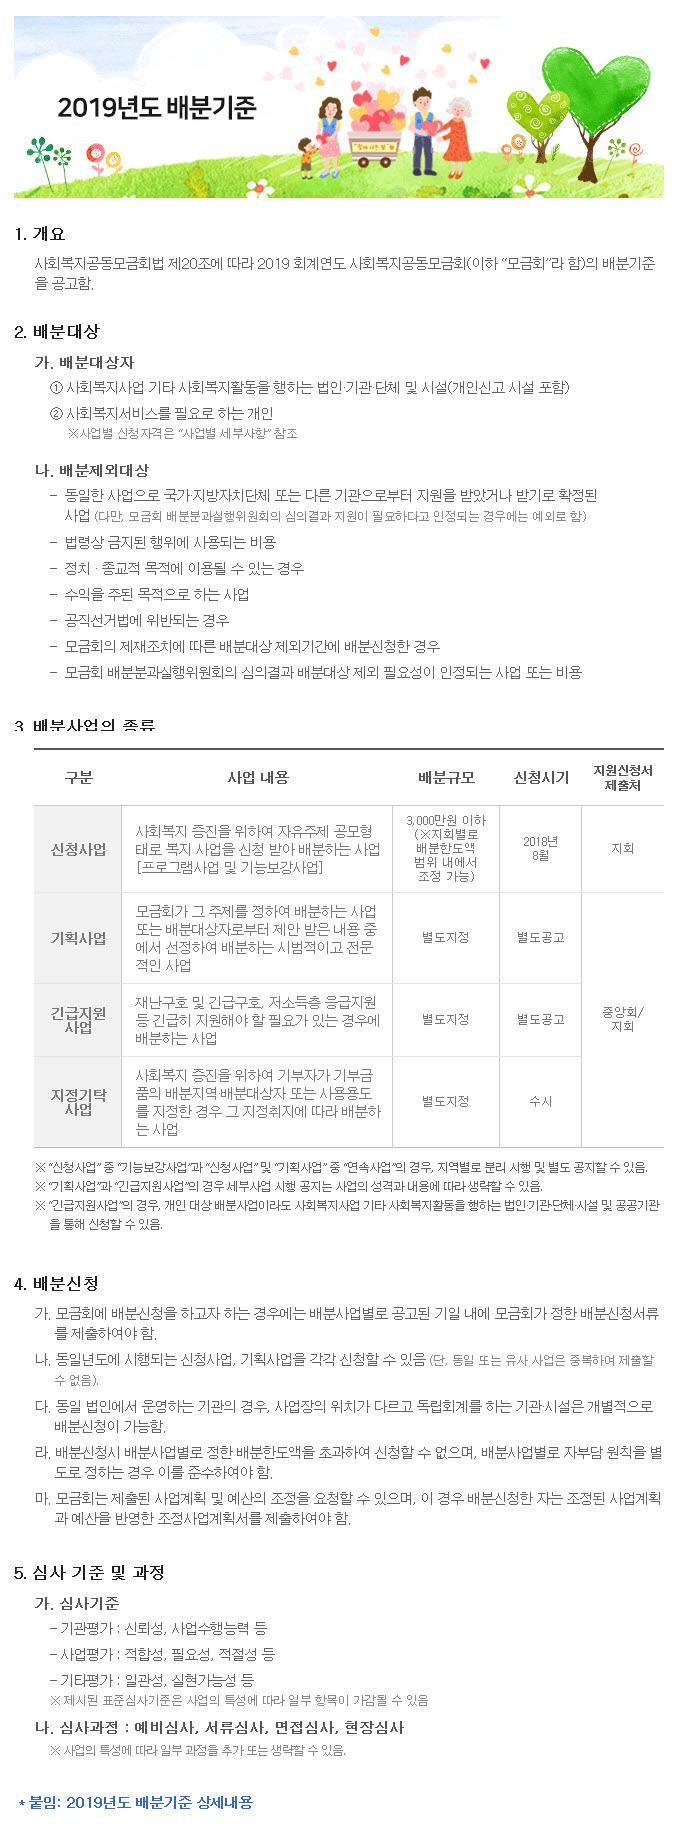 사회복지공동모금회 2019년도 배분기준